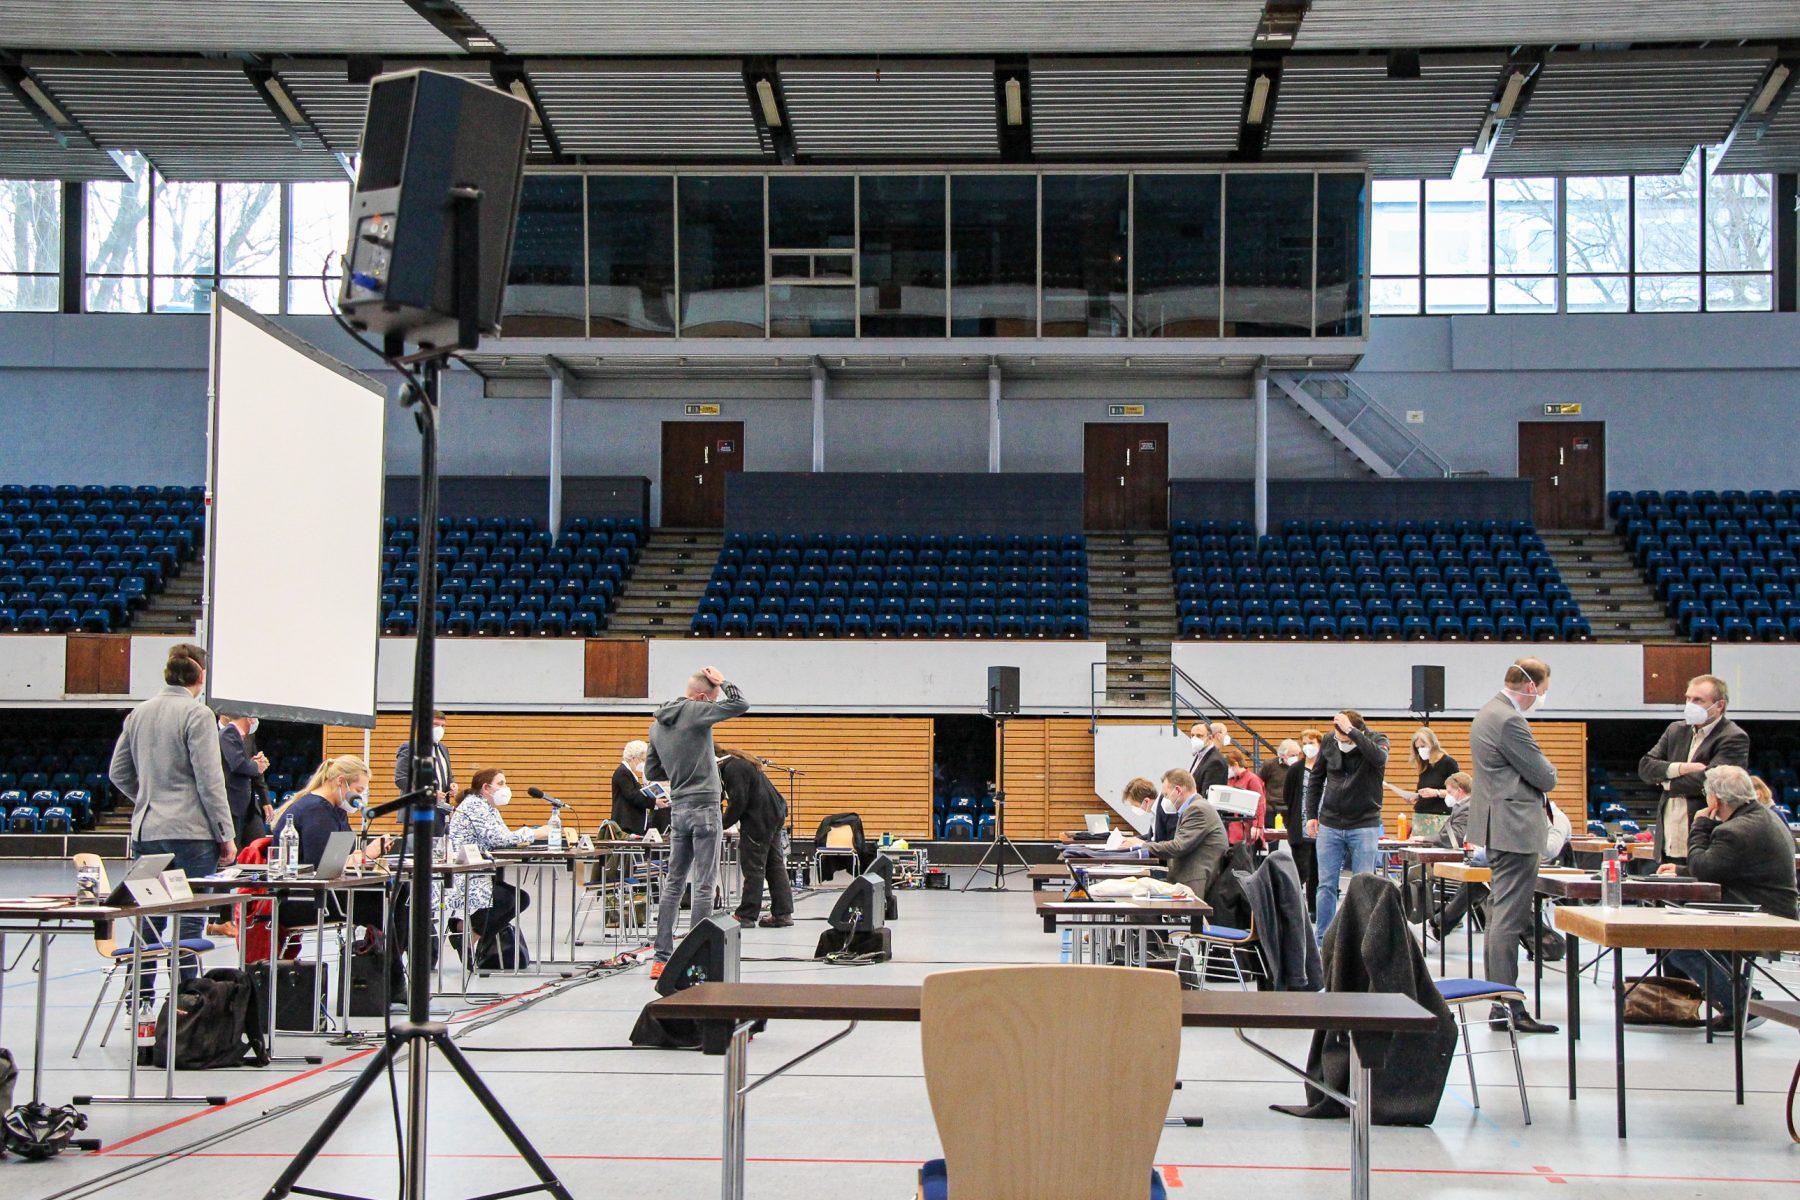 Die Bezirksversammlung fand gestern zum ersten Mal in der Alsterdorfer Sporthalle statt.